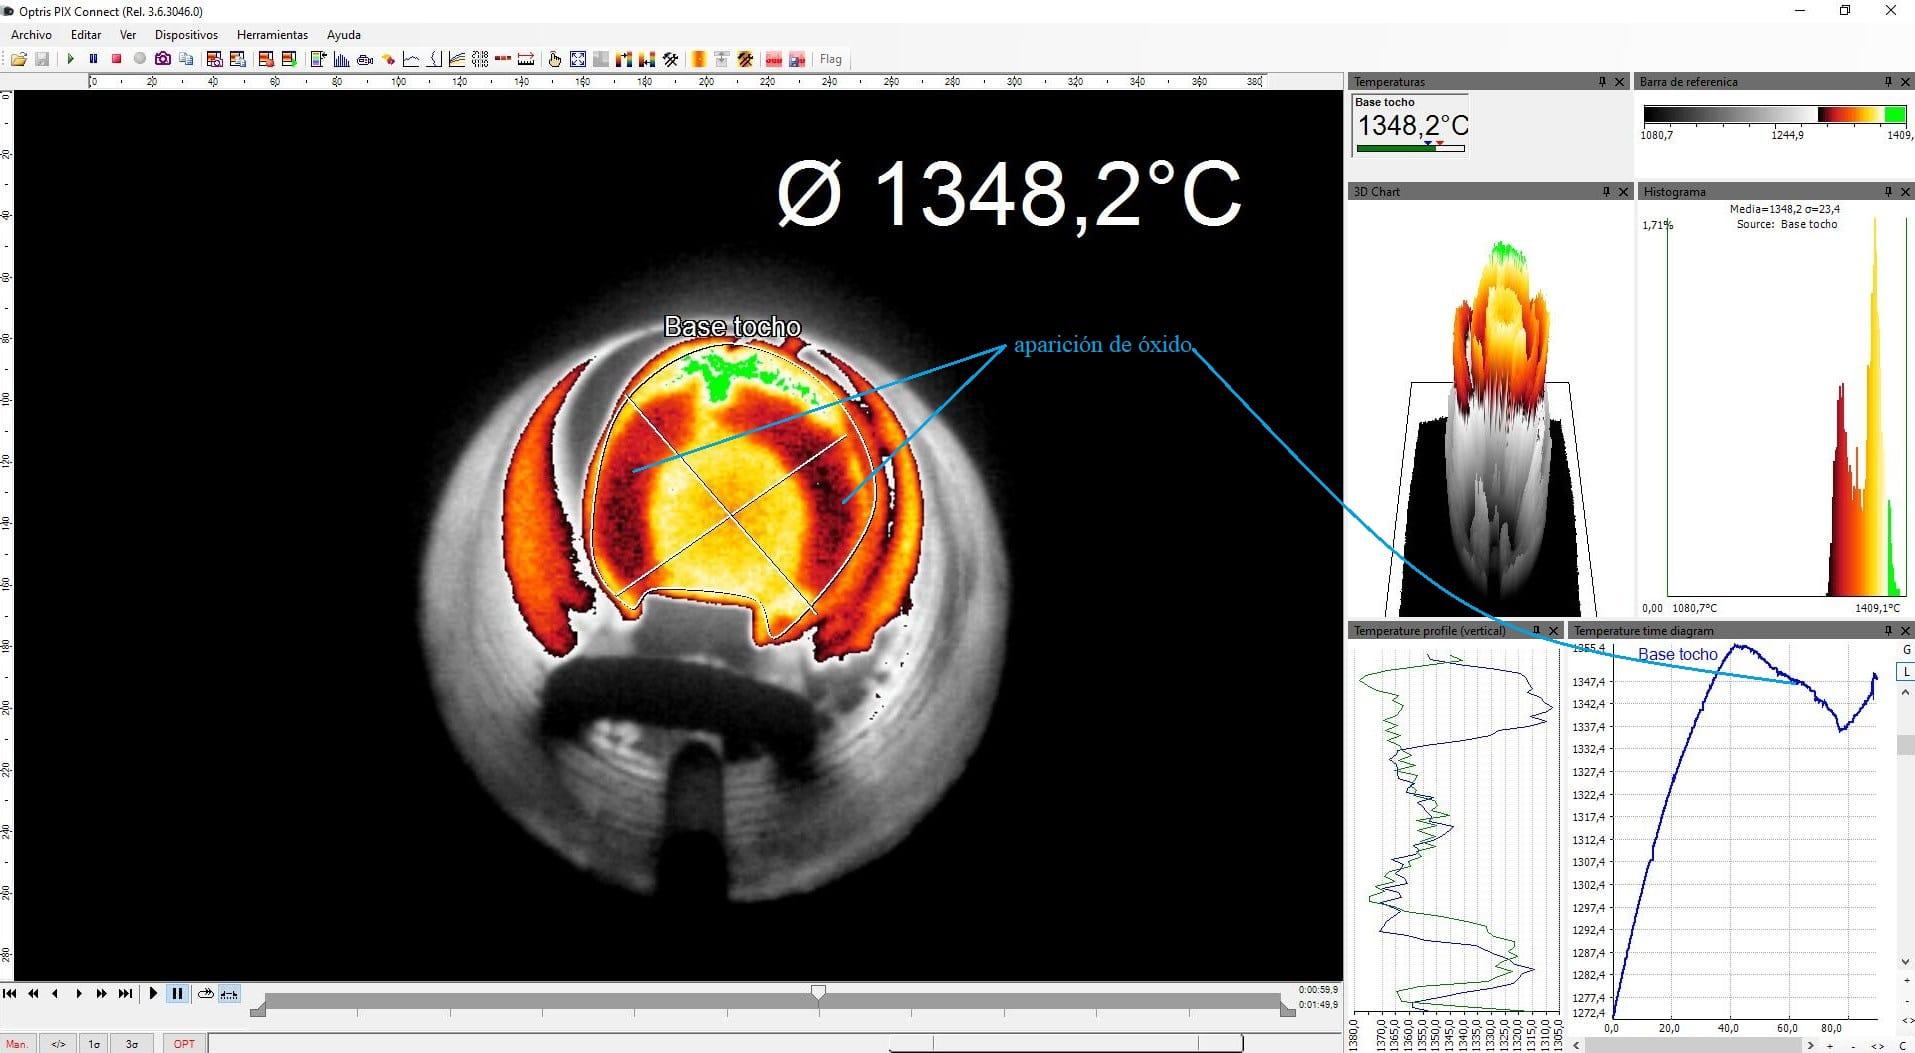 temperatura en forja, Control de Temperatura en Forja | Nota de Aplicación